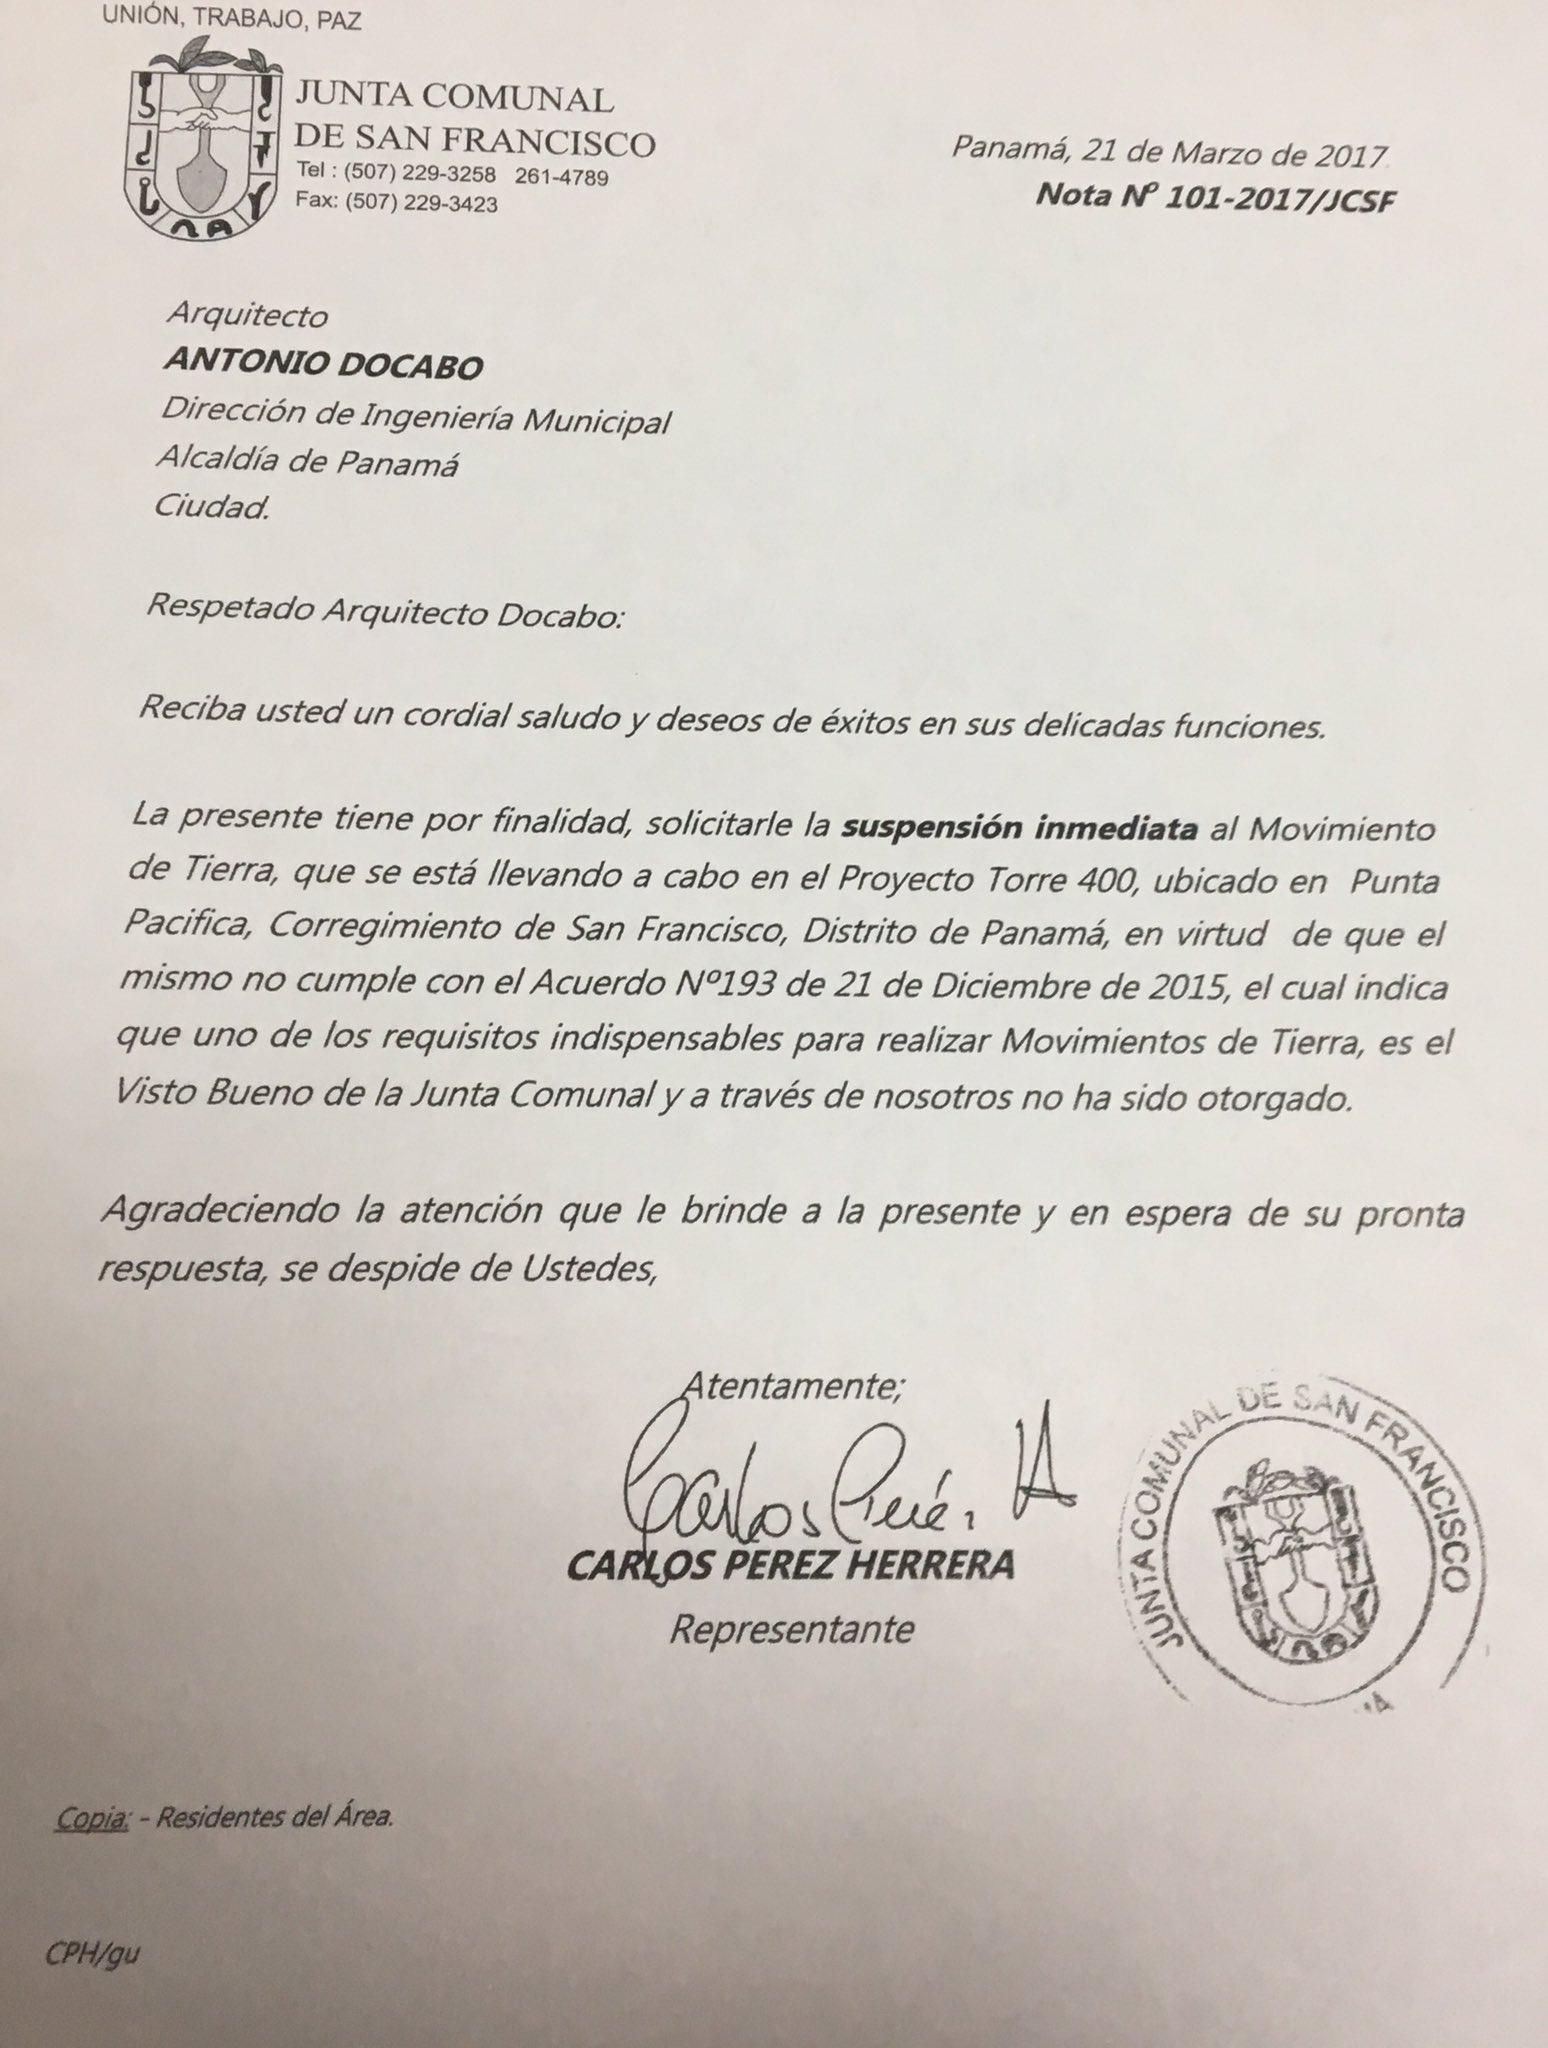 H.R. de SF, Carlos Pérez Herrera exigió a la DOYC fiscalizar y detener movimentos de tierras por falta de permisos de su despacho